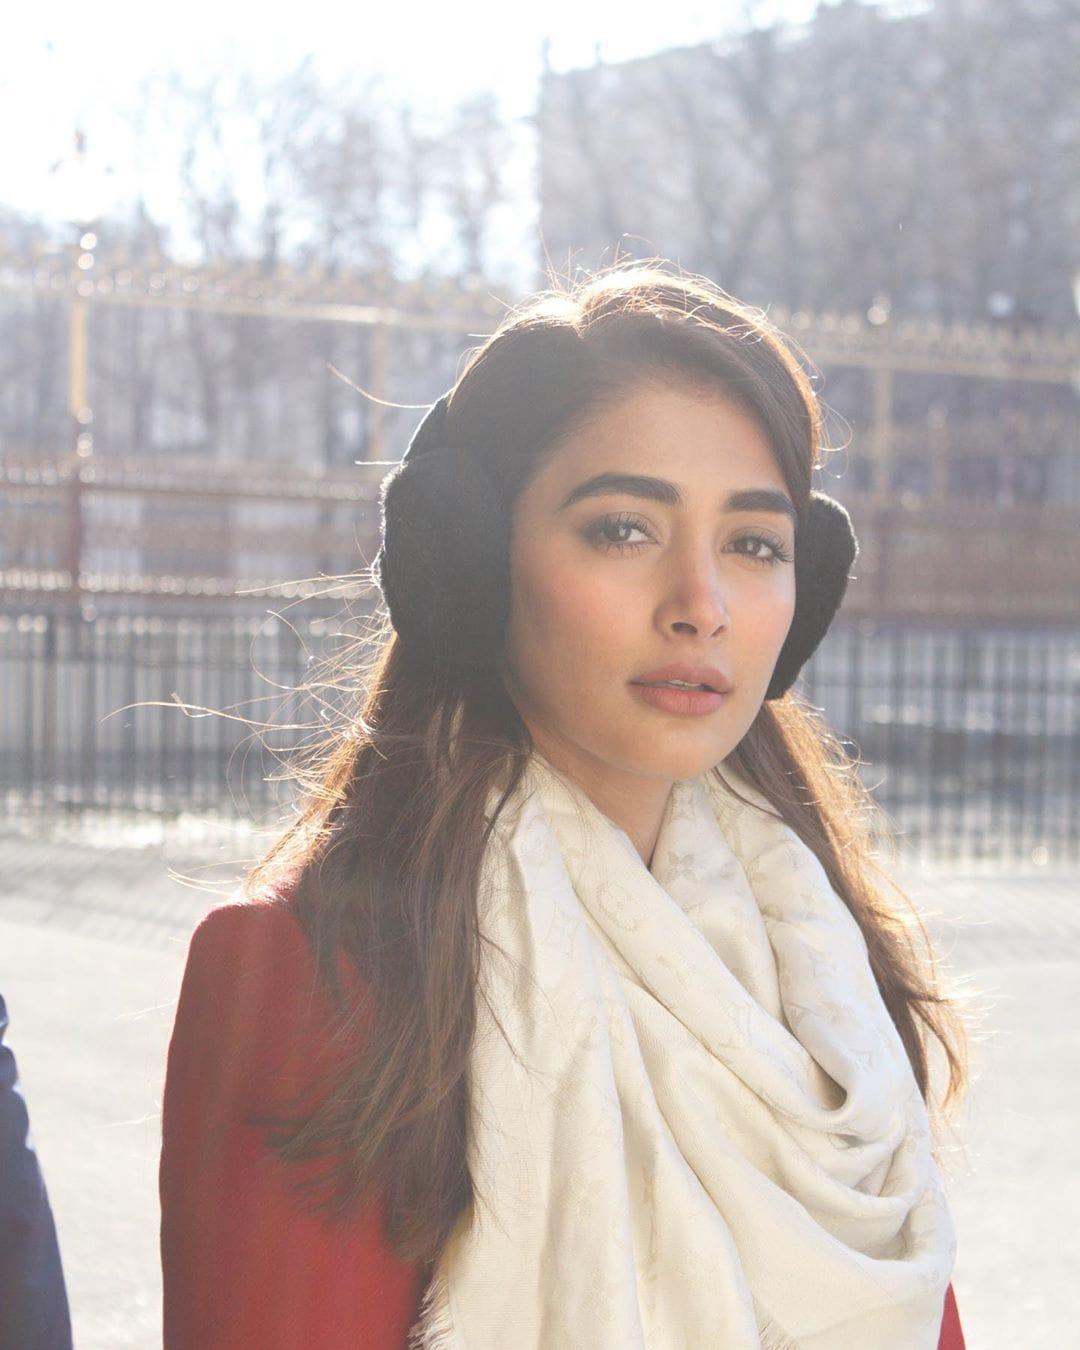 పూజా హెగ్డే లేటెస్ట్ ఫోటో షూట్ (Instagram/Photo)